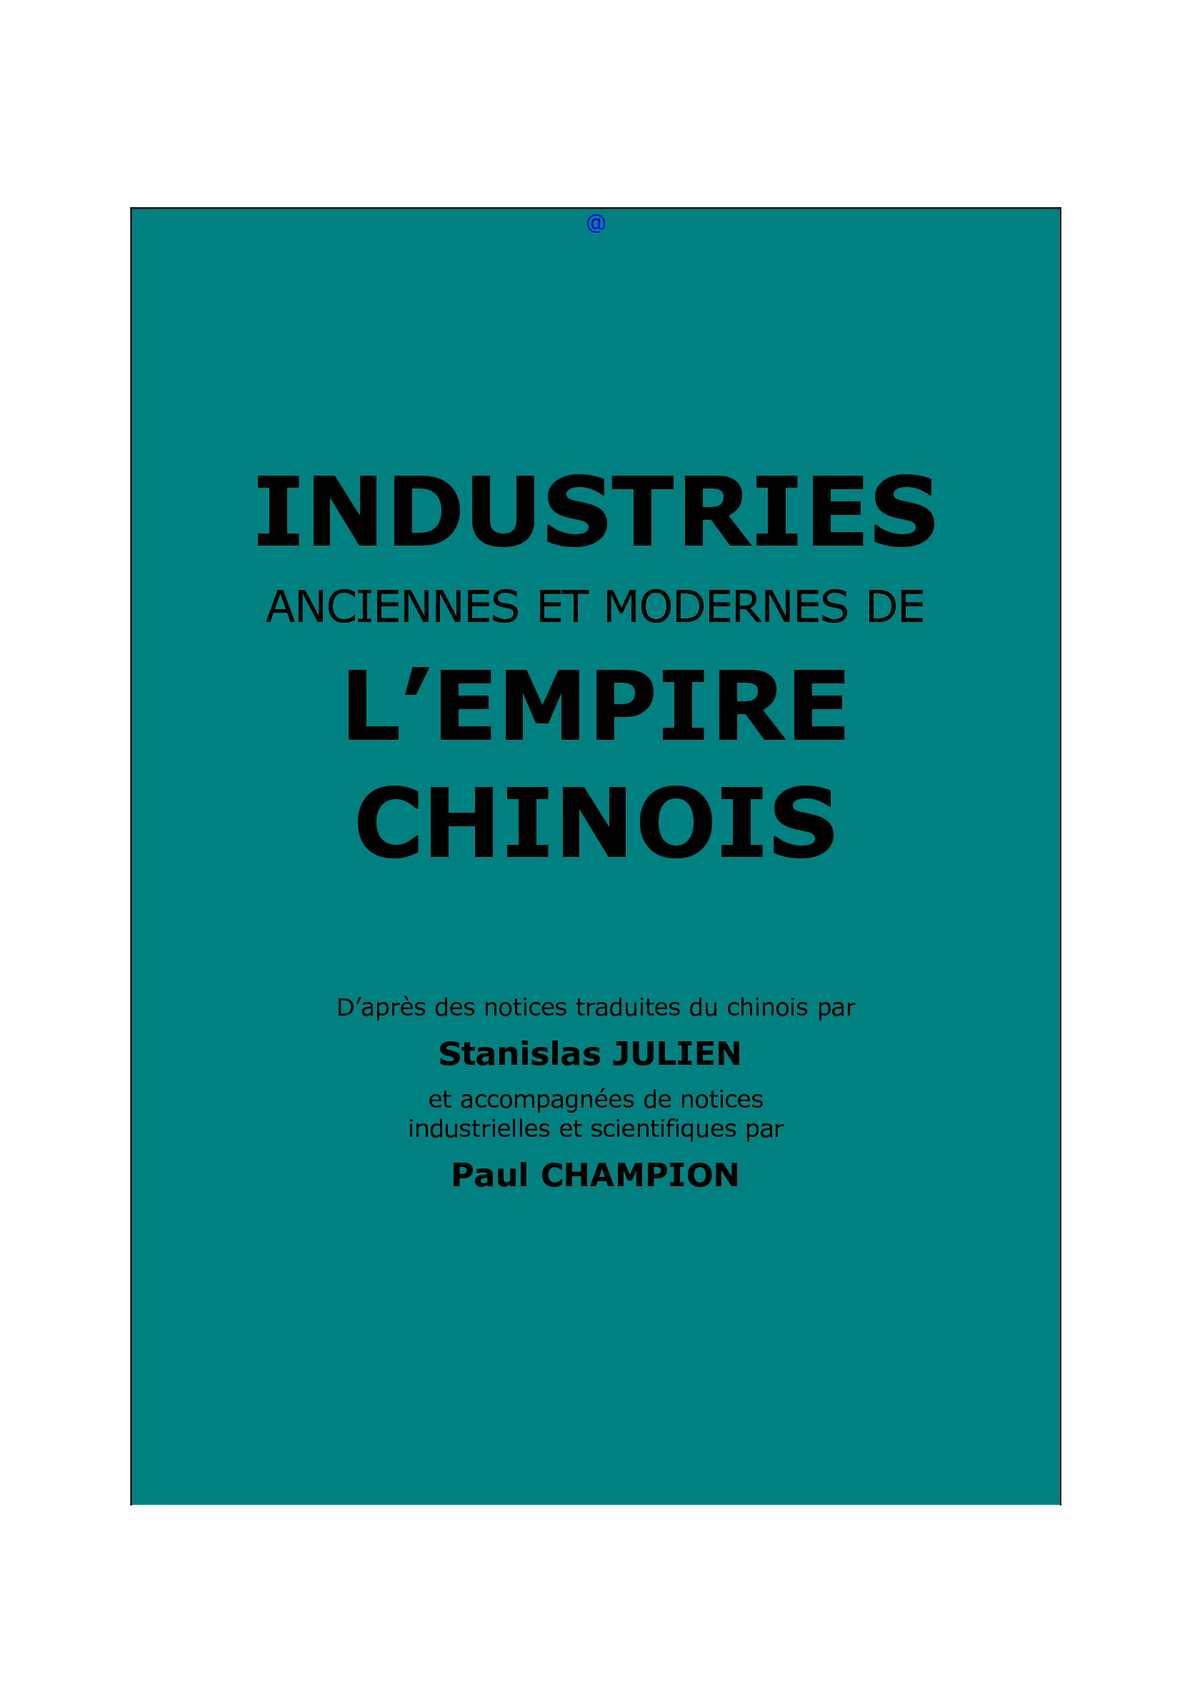 b8517002c348 Calaméo - Julien, St. et Champion P.   Industries anciennes et modernes de  l empire chinois